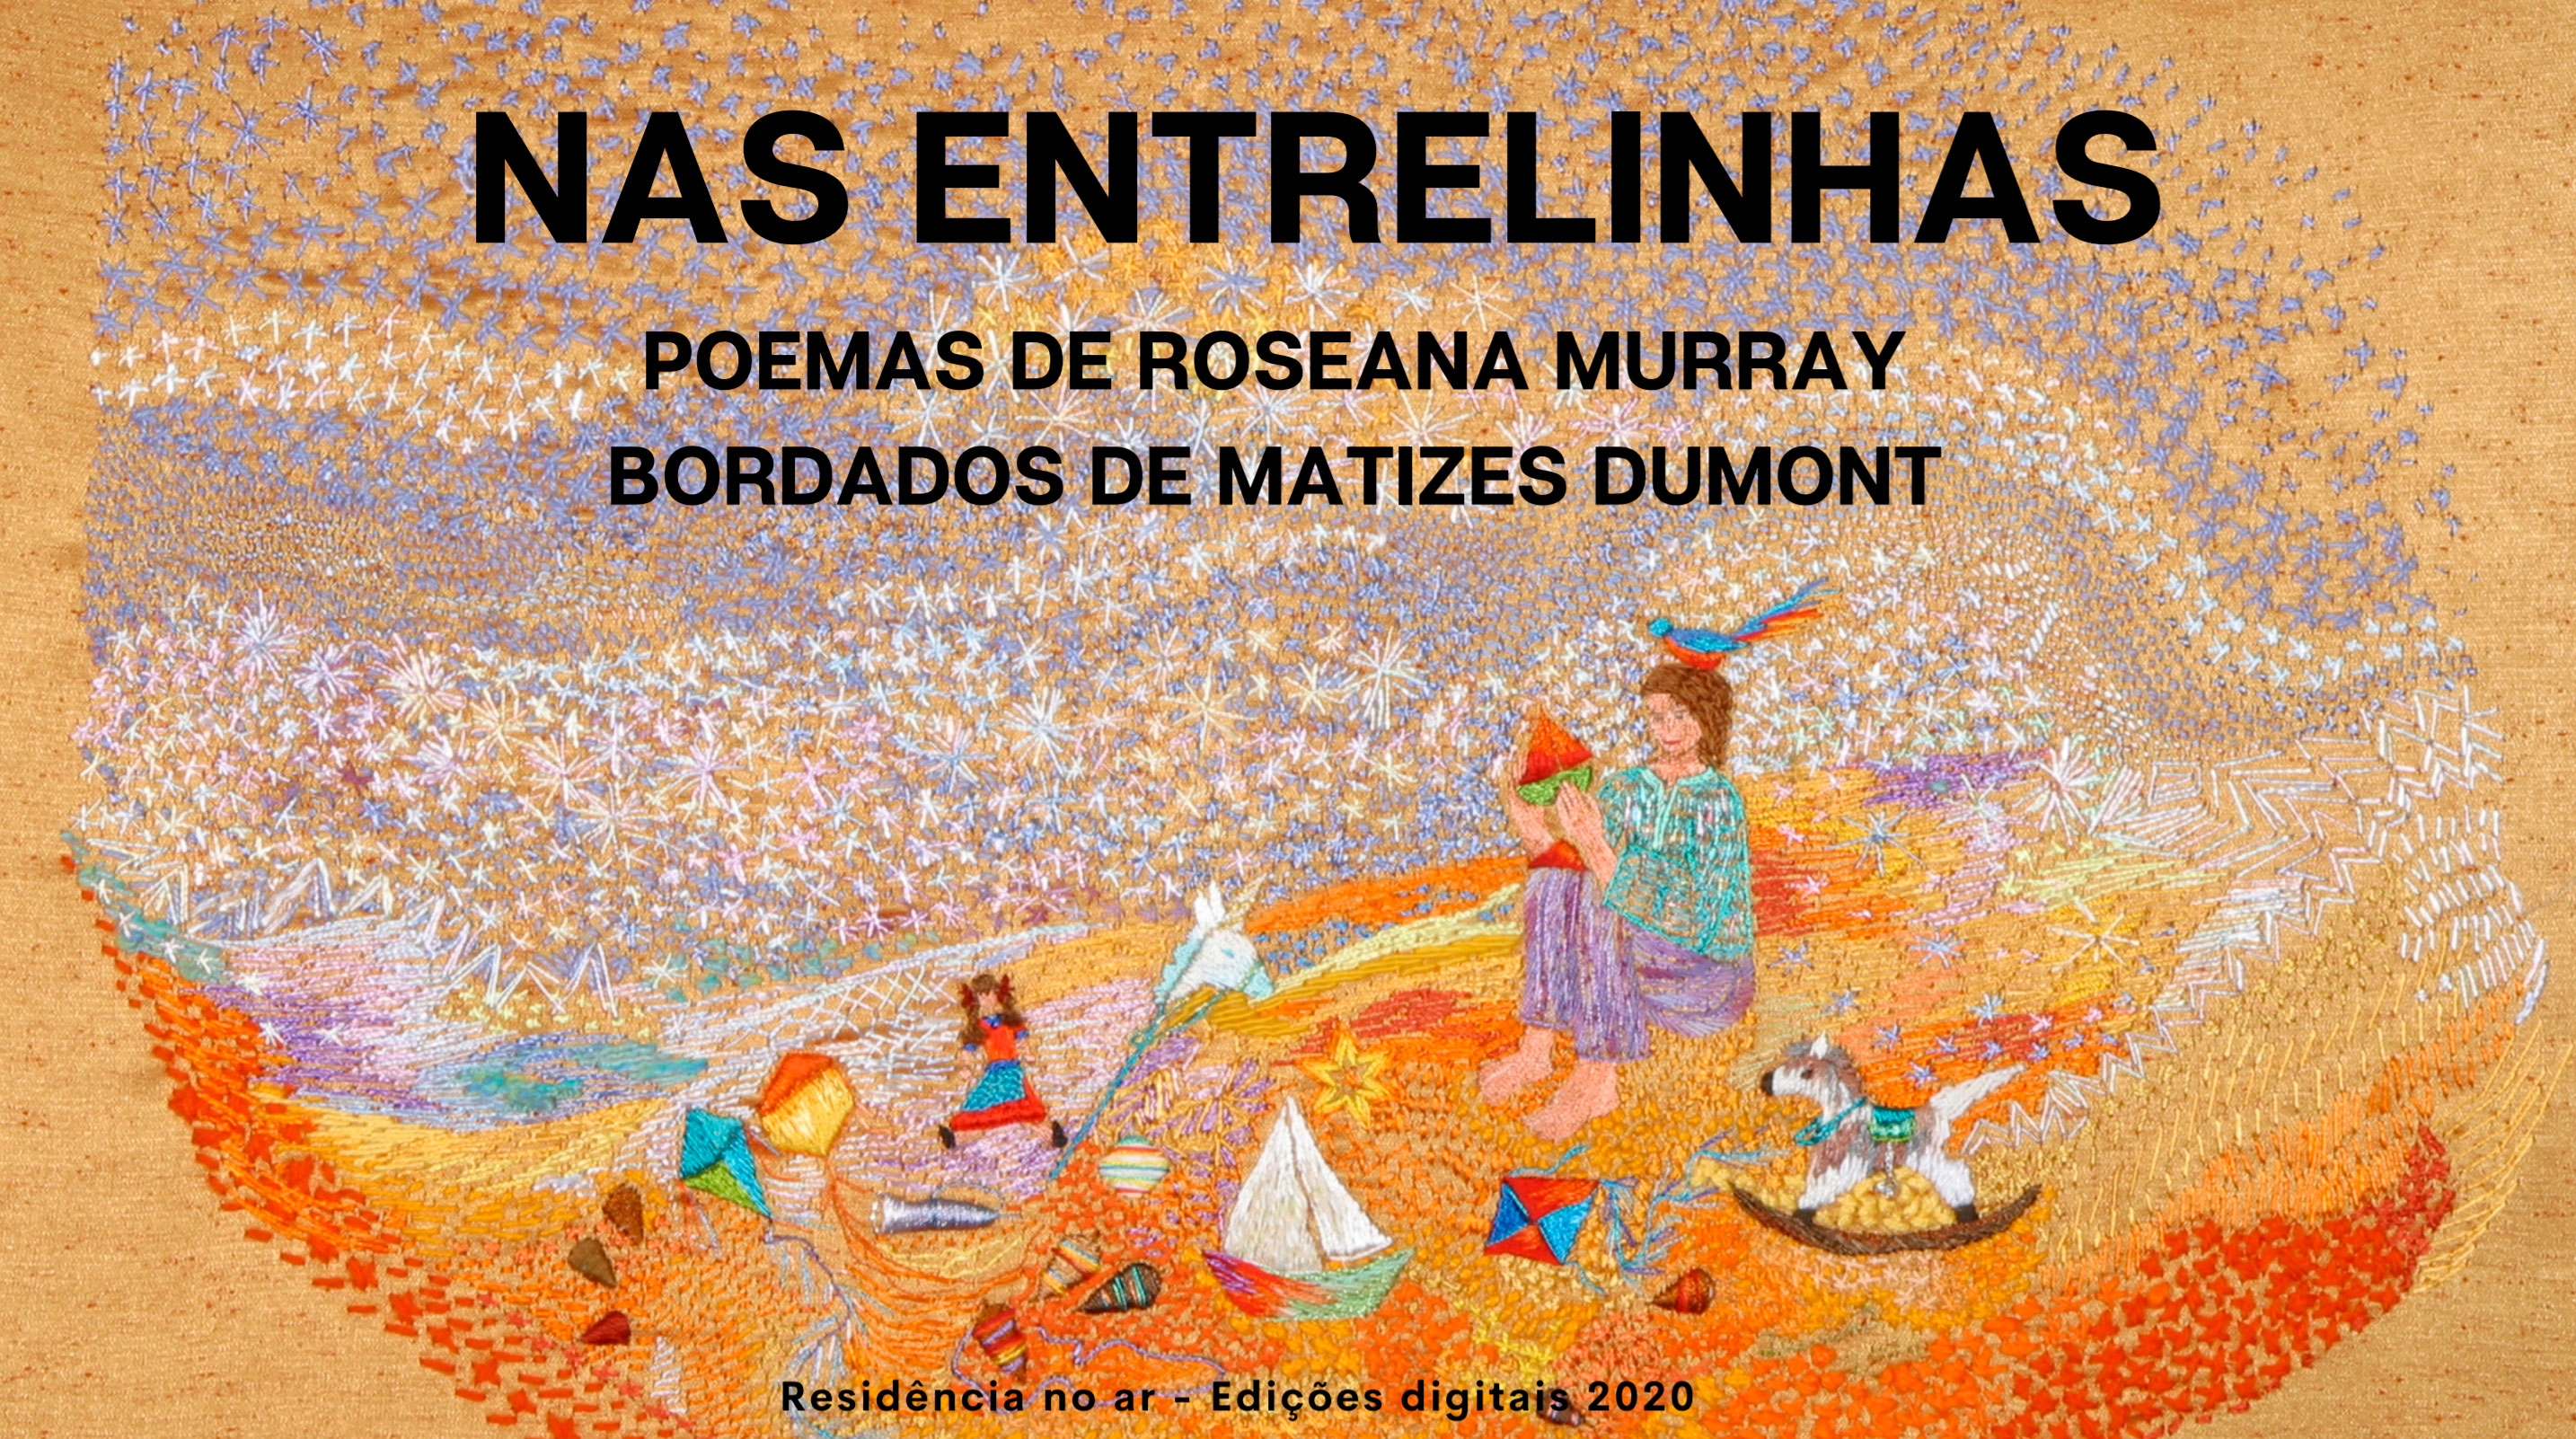 nas-entrelinhas-roseana-murray